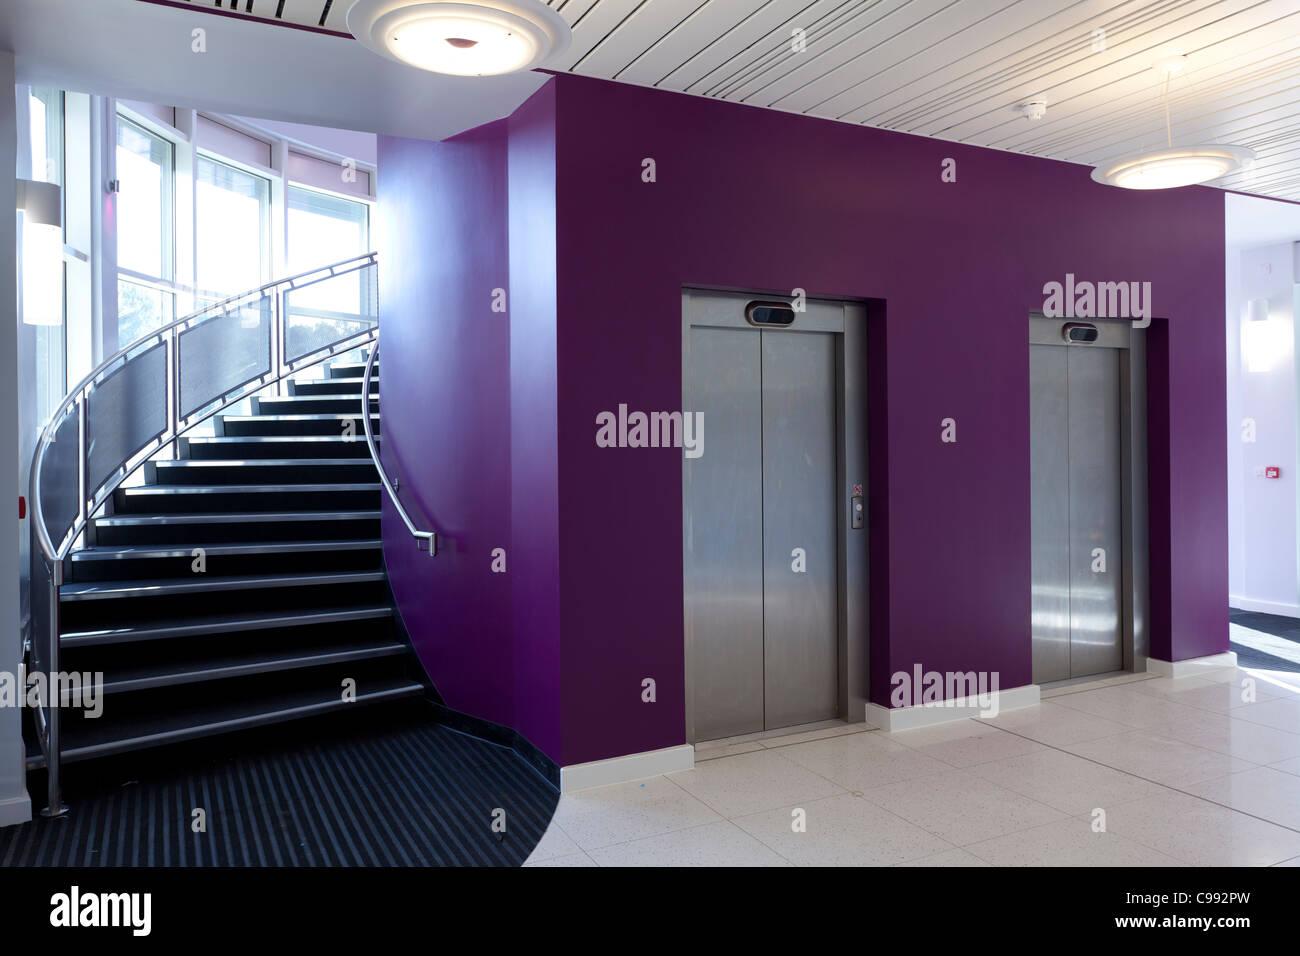 Entrata foyer e scale curve caso e sollevare gli sportelli del Centro Eastpoint, Southampton Immagini Stock